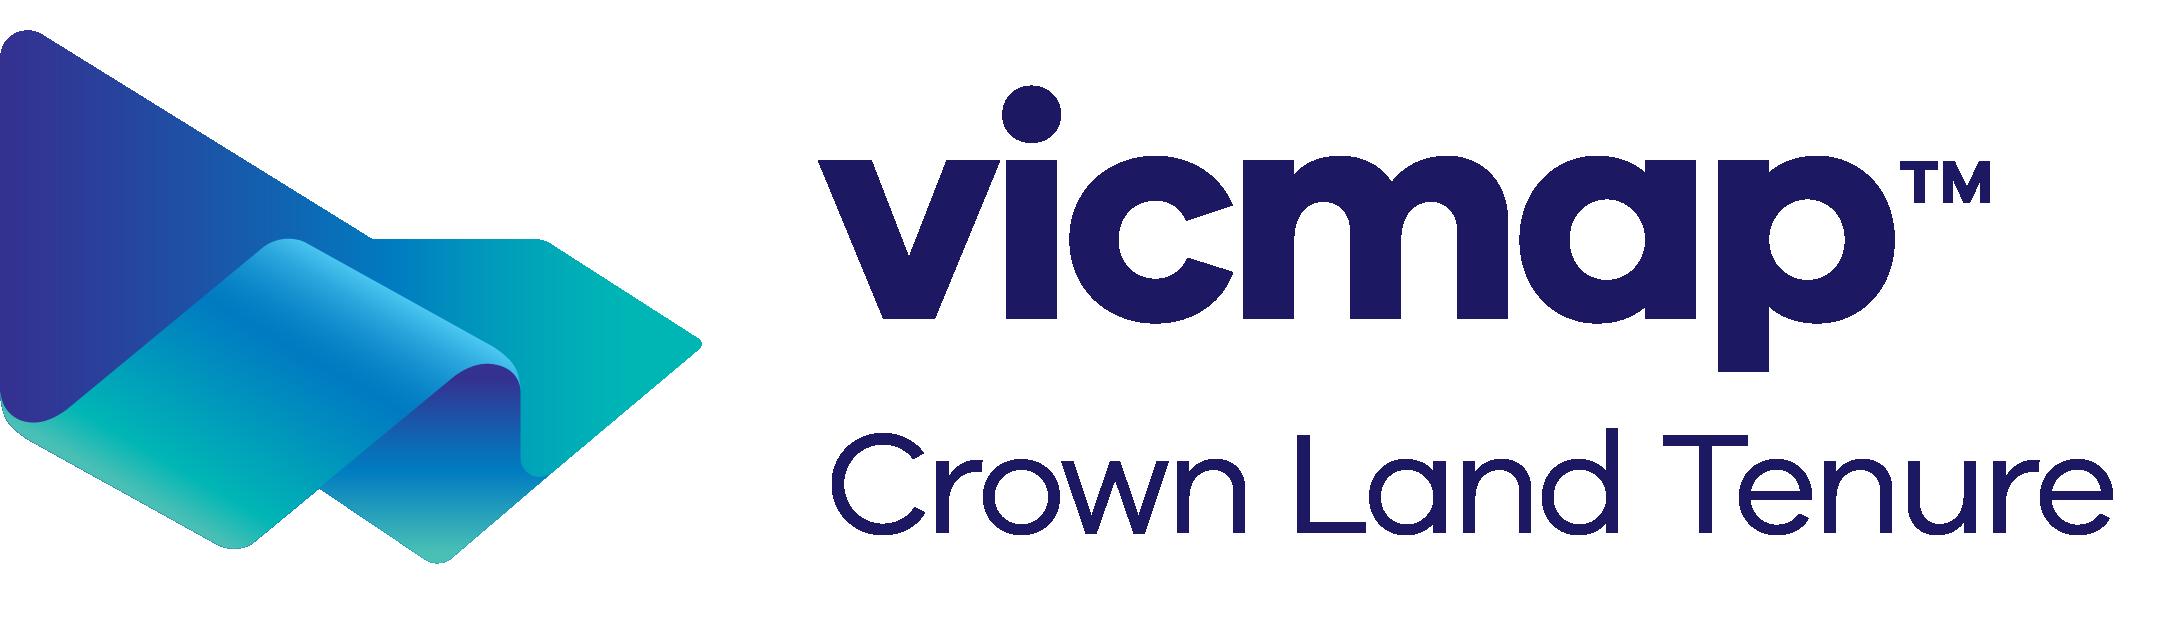 Vicmap Crown Land Tenure logo